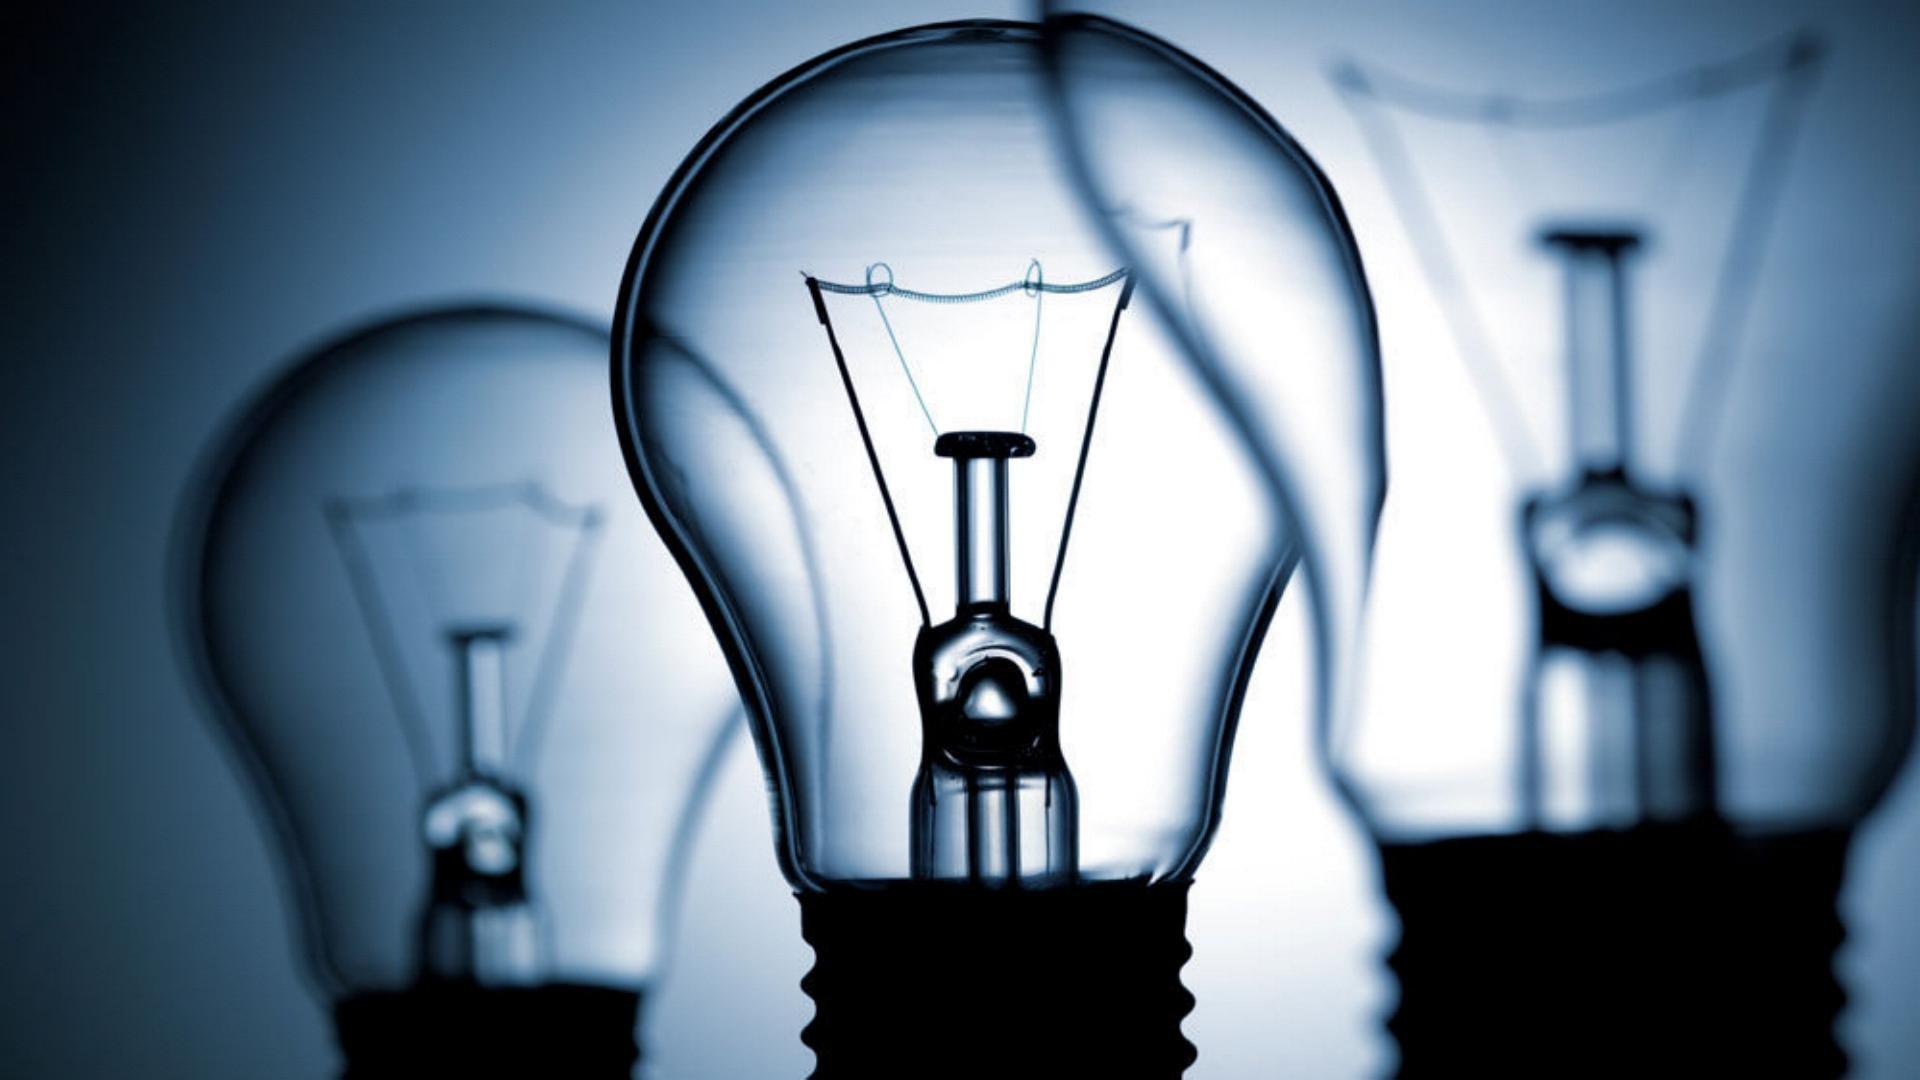 Come scegliere la giusta lampadina tipologie a confronto for Vendita lampadine